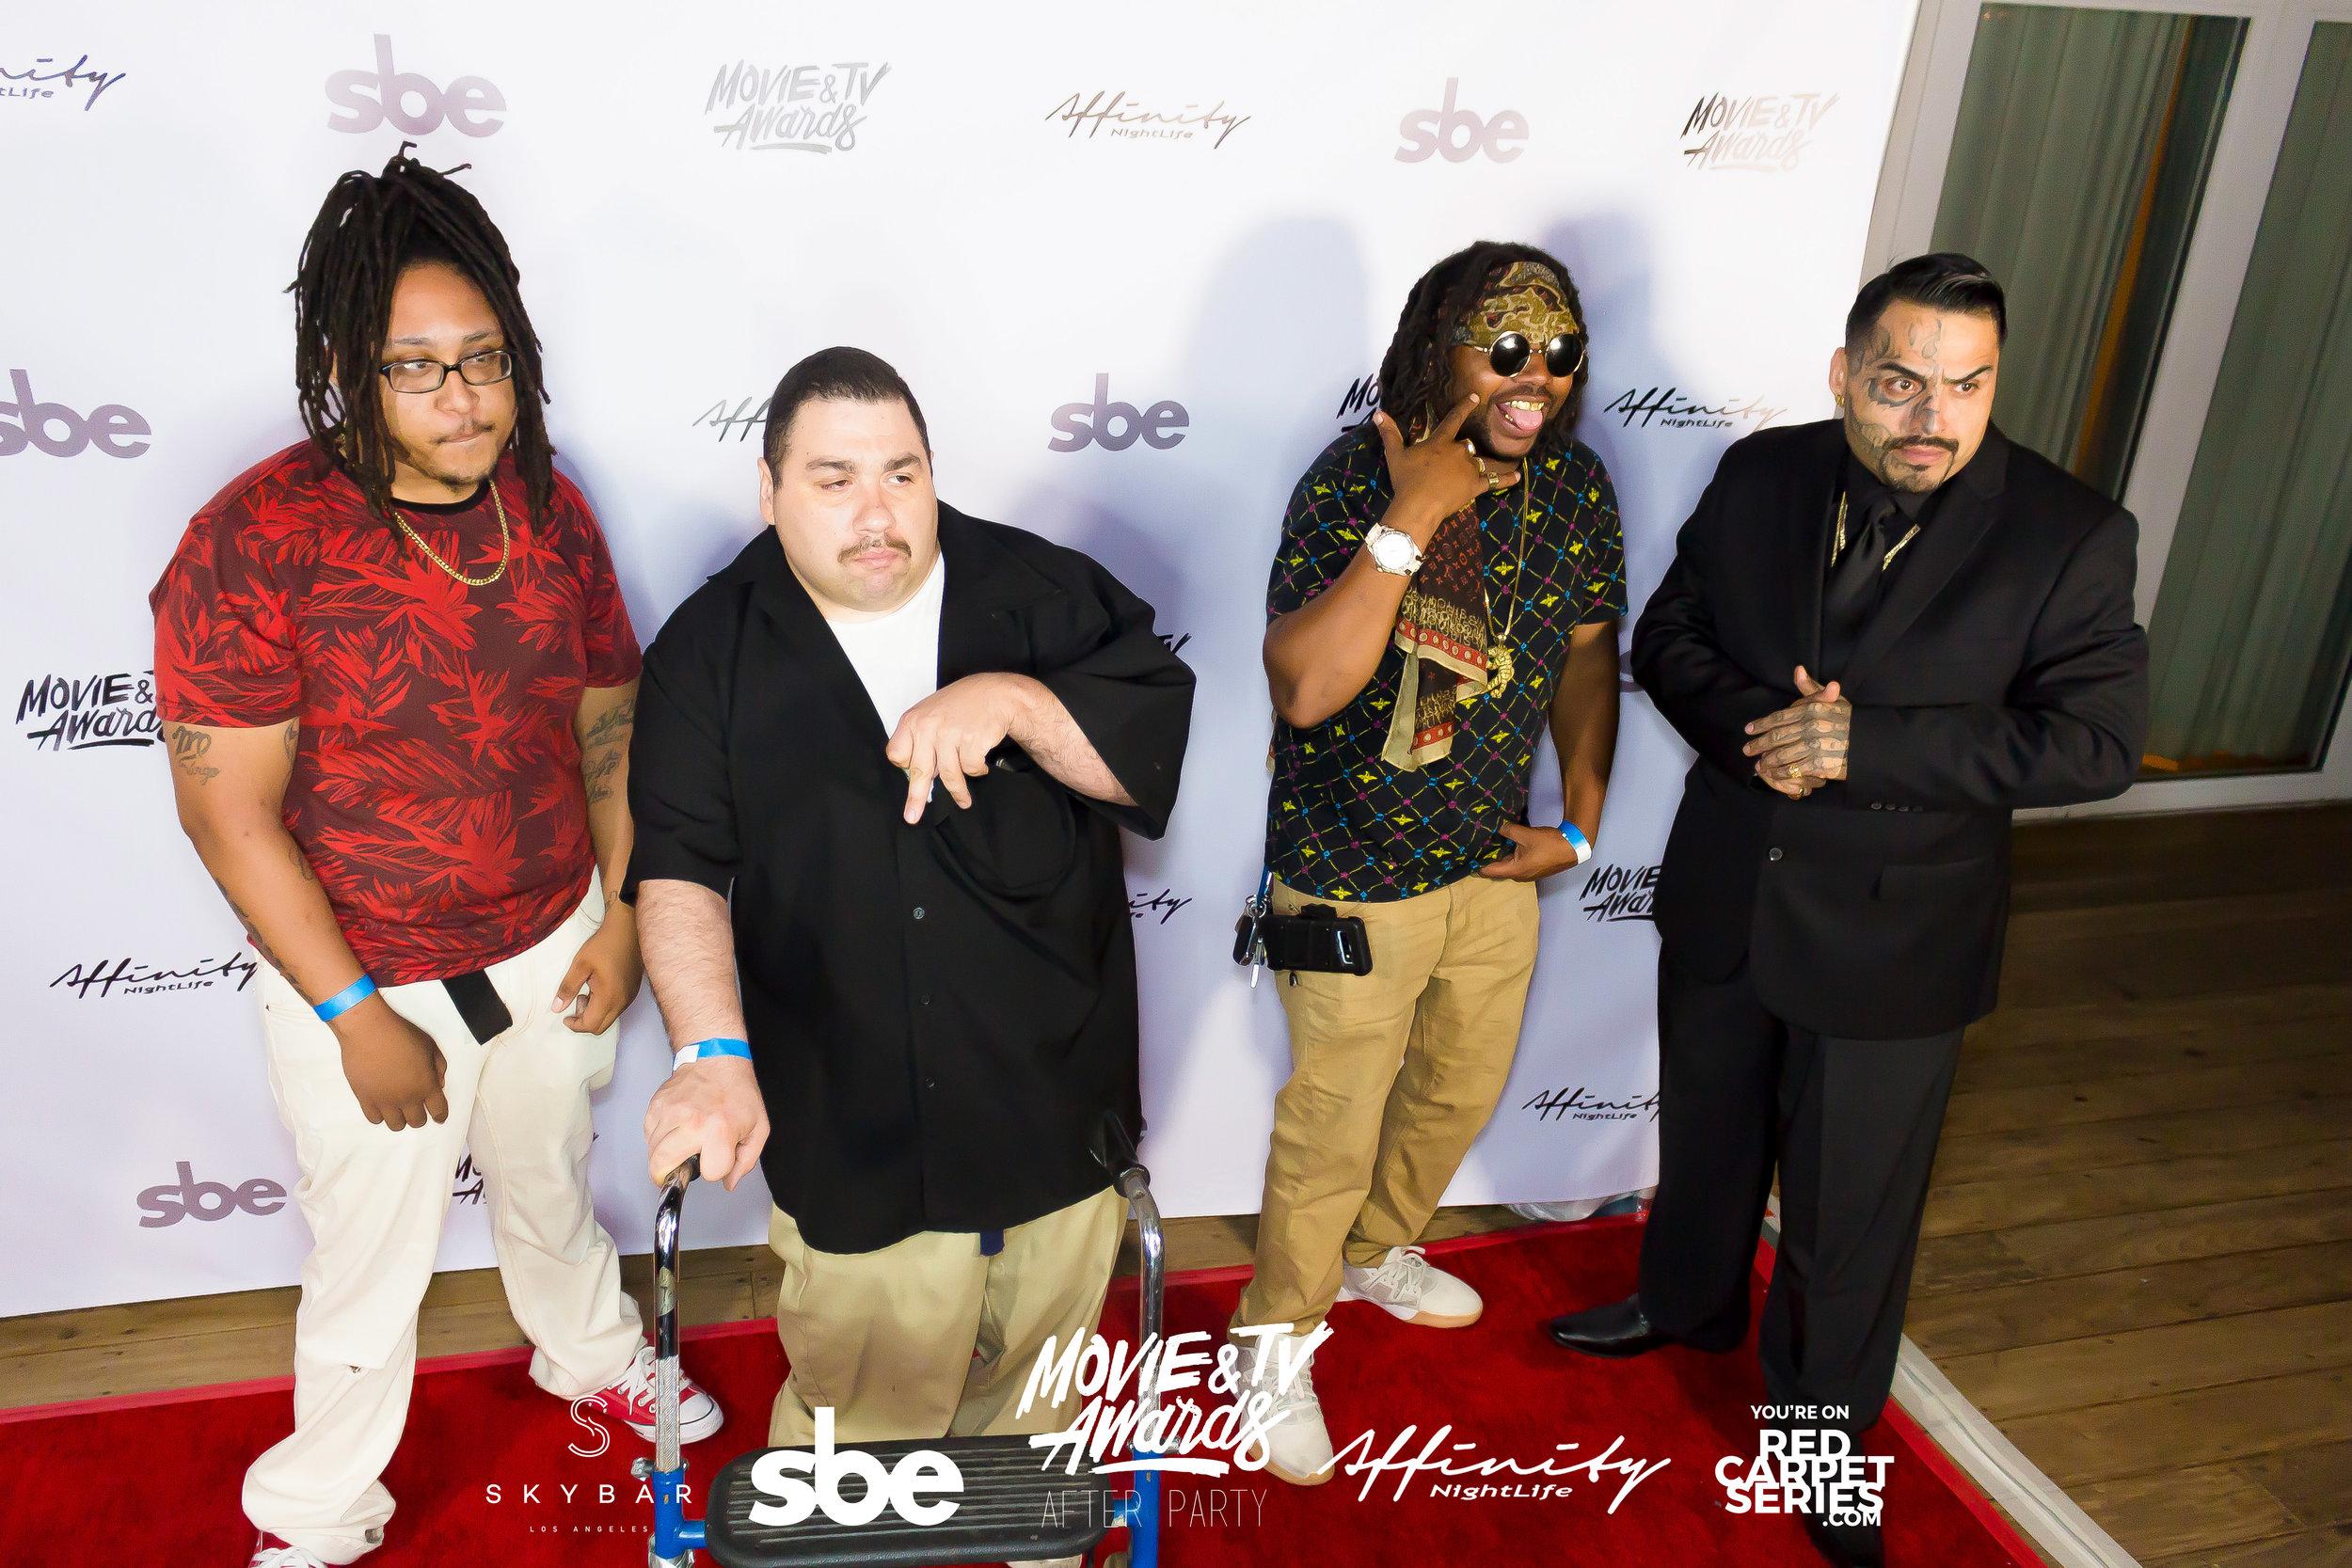 Affinity Nightlife MTV Movie & TV Awards After Party - Skybar at Mondrian - 06-15-19 - Vol. 2_115.jpg